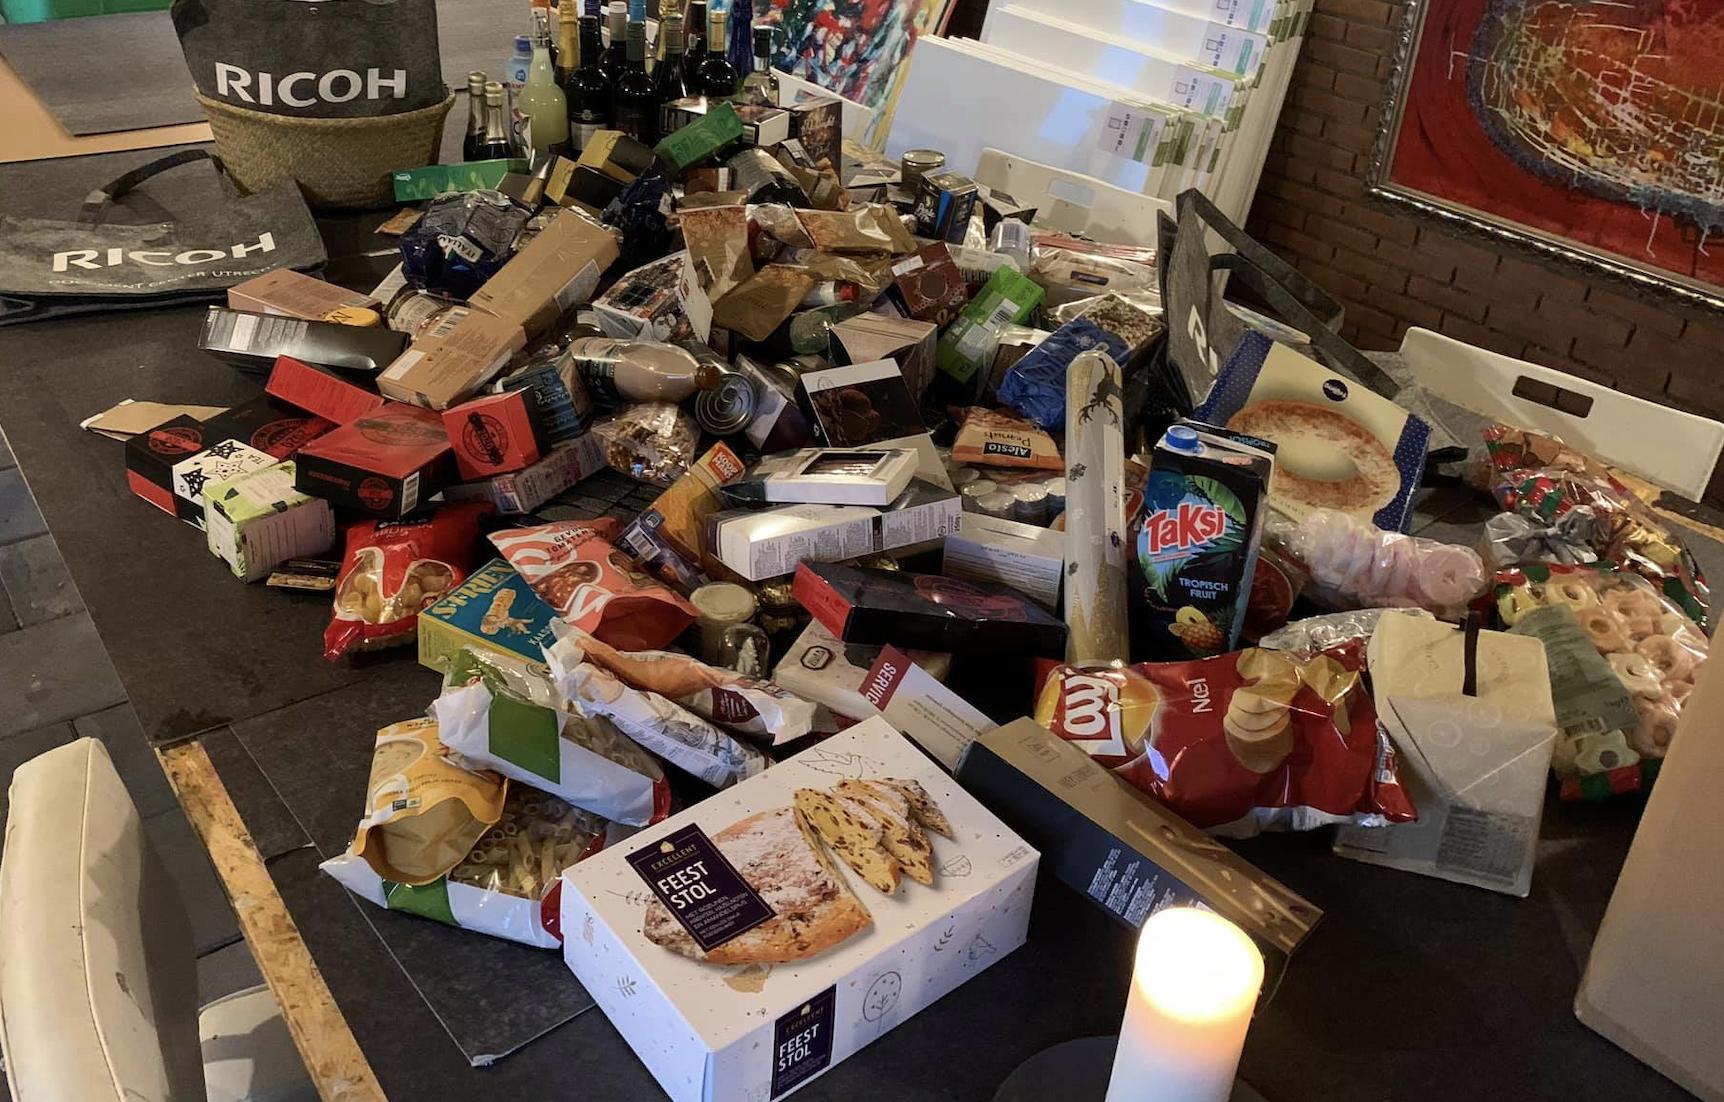 inzamelingsactie ricoh midden nederland voor voedselbank